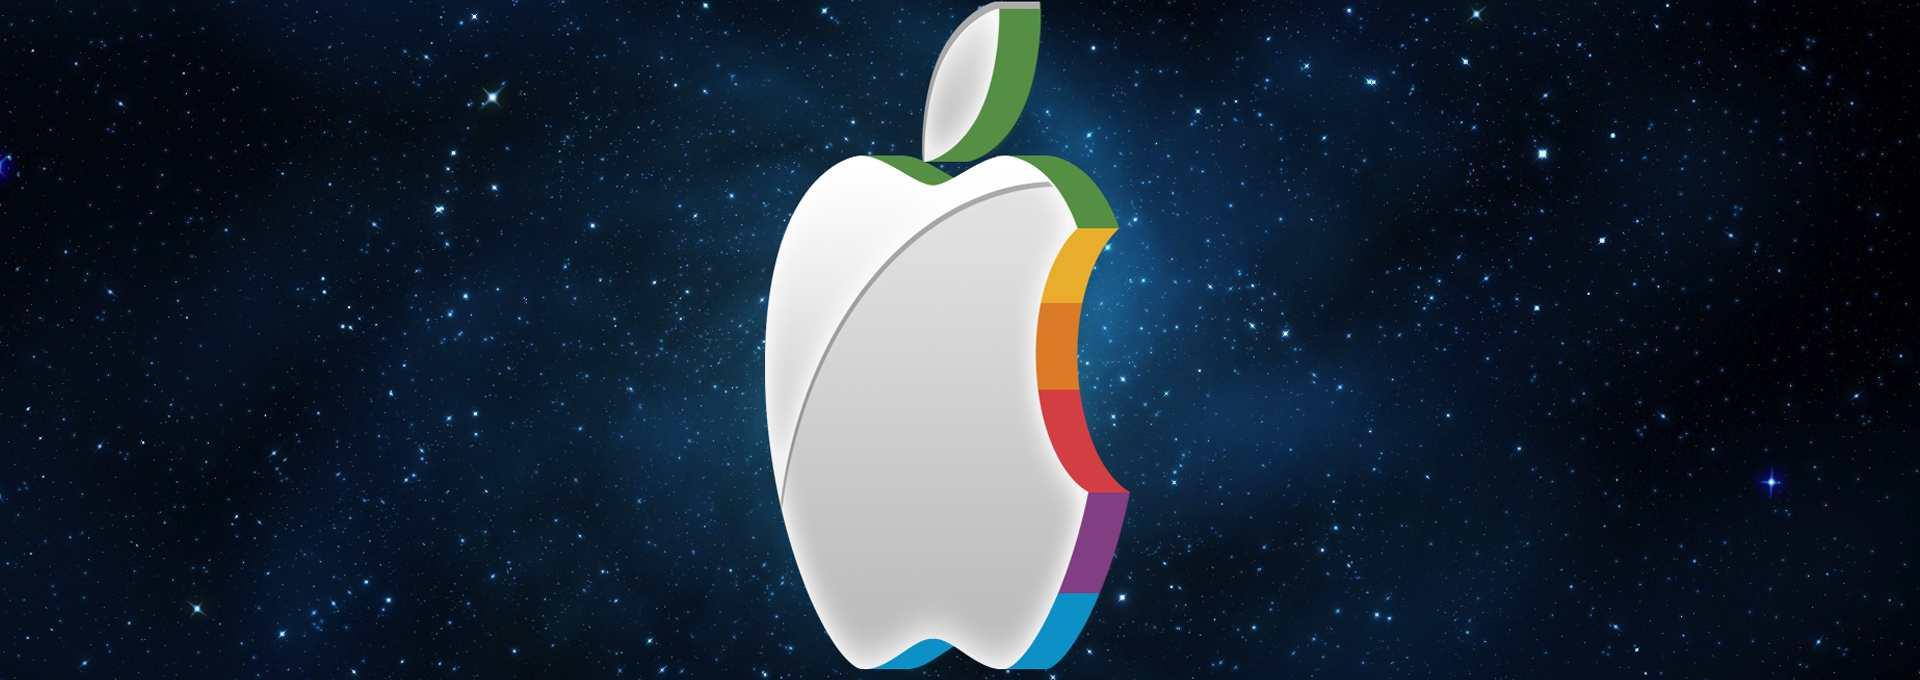 Mise au point: Apple devrait devrait introduire 8 nouveaux produits cette rentrée